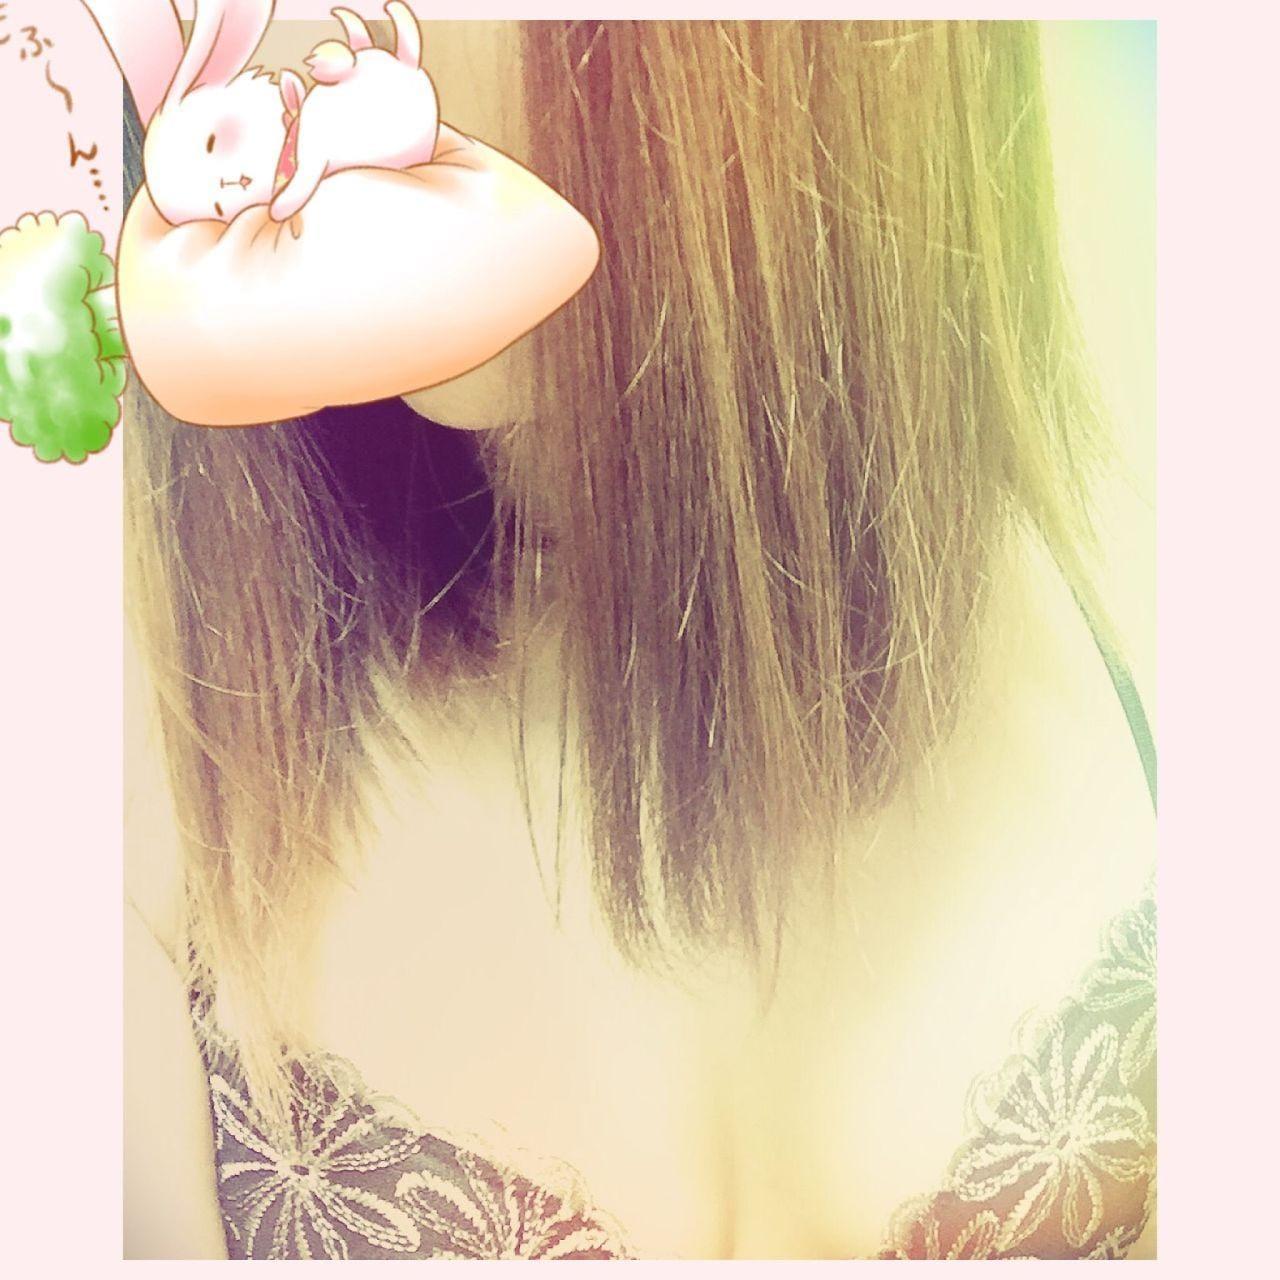 「向かってますよー!」12/09(日) 22:10 | あいかの写メ・風俗動画